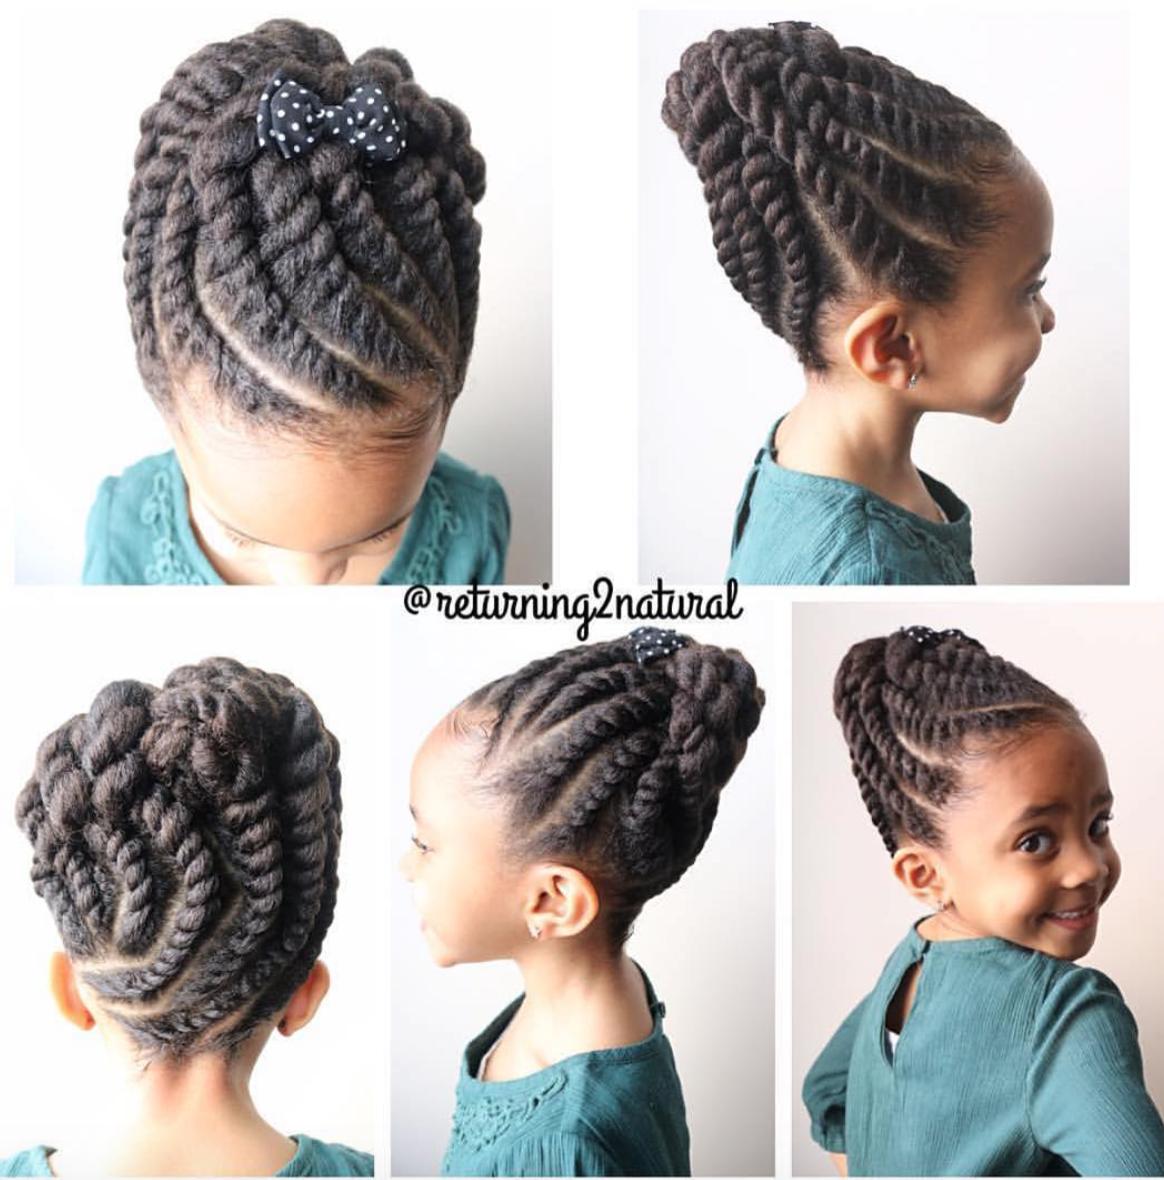 Pin by Katina Heyward on Gemiyah Pre-K | Pinterest | Black hair ...